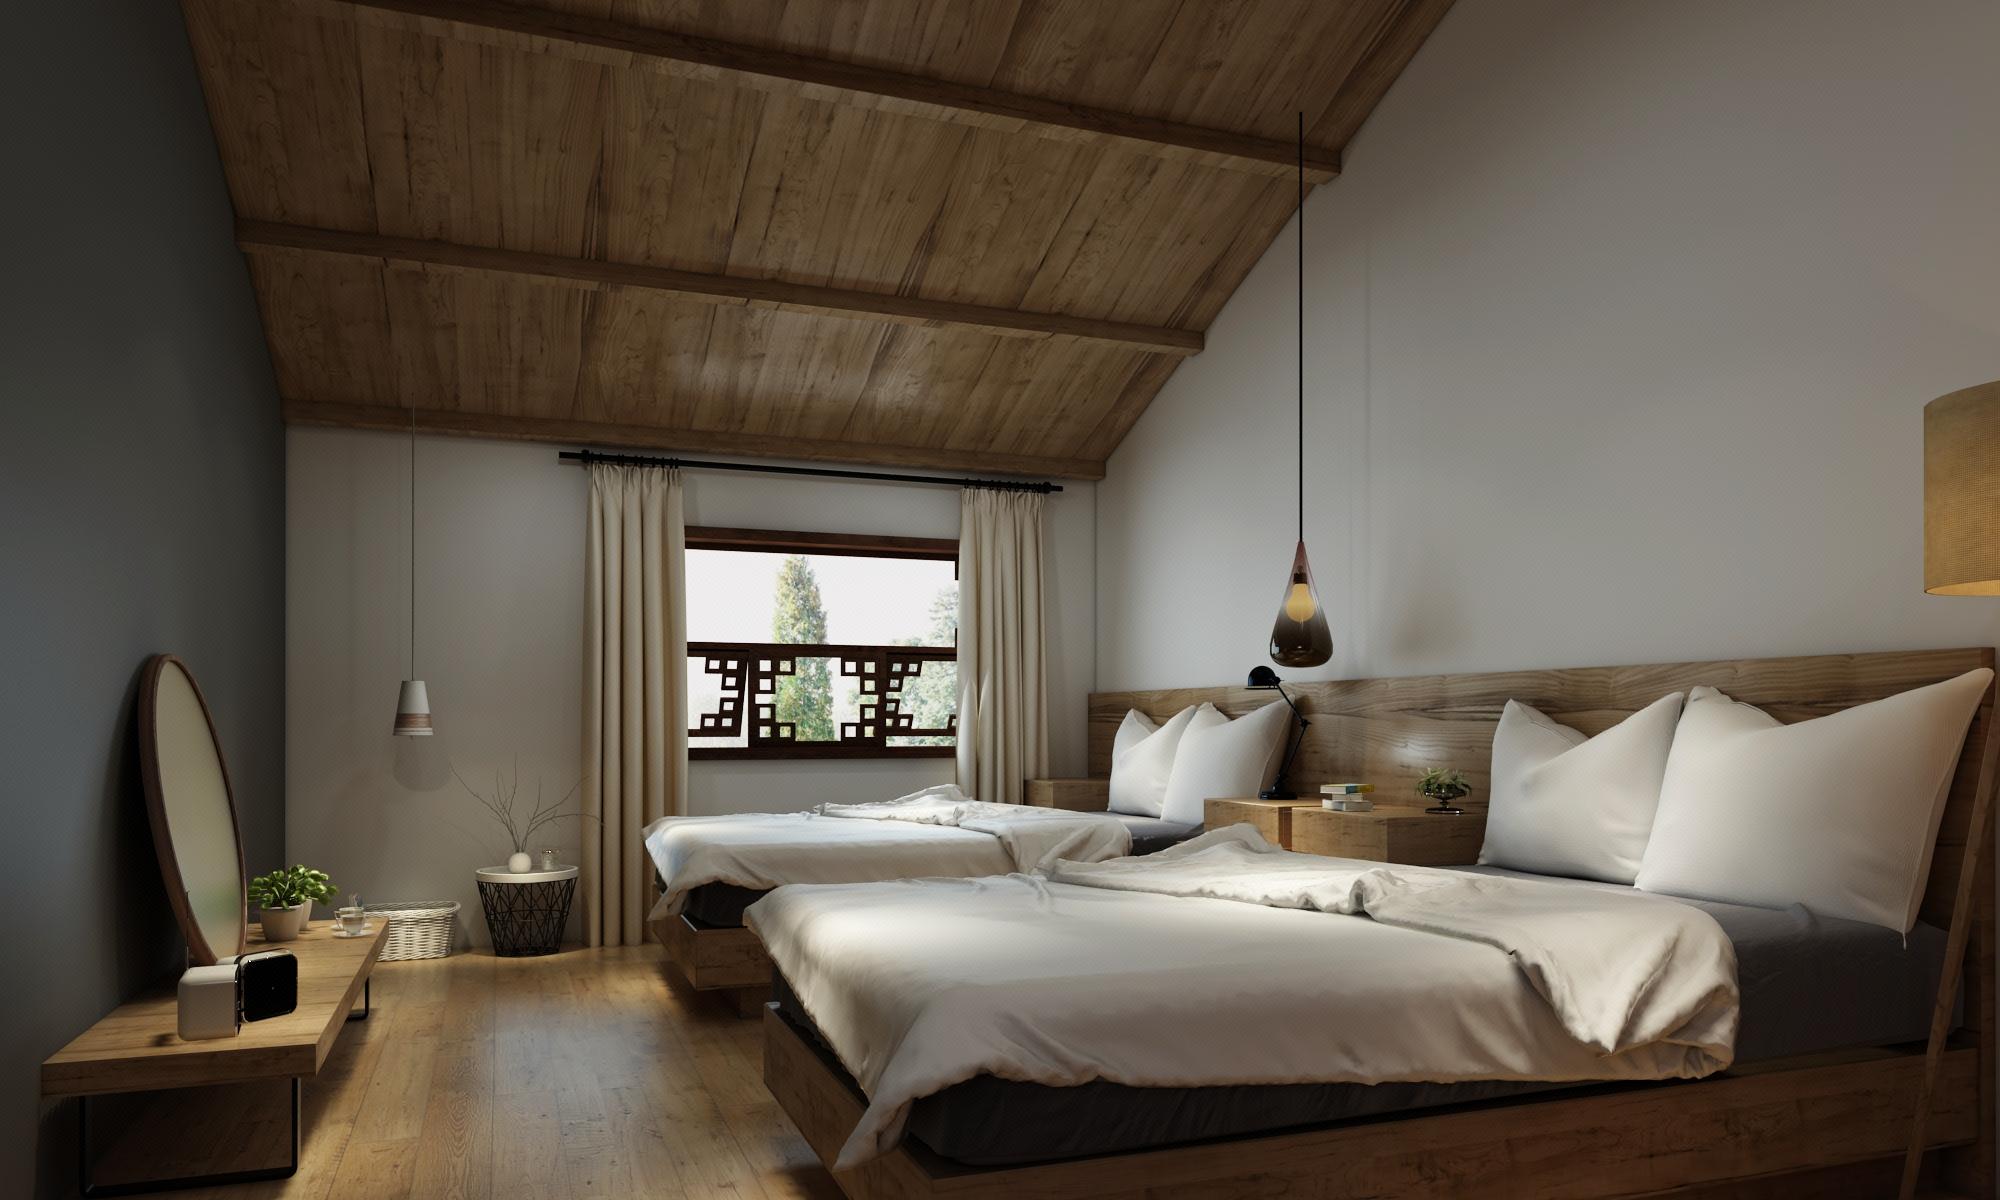 民宿客栈别墅庭院私家花园设计公寓复式楼屋顶花园露台自建房设计